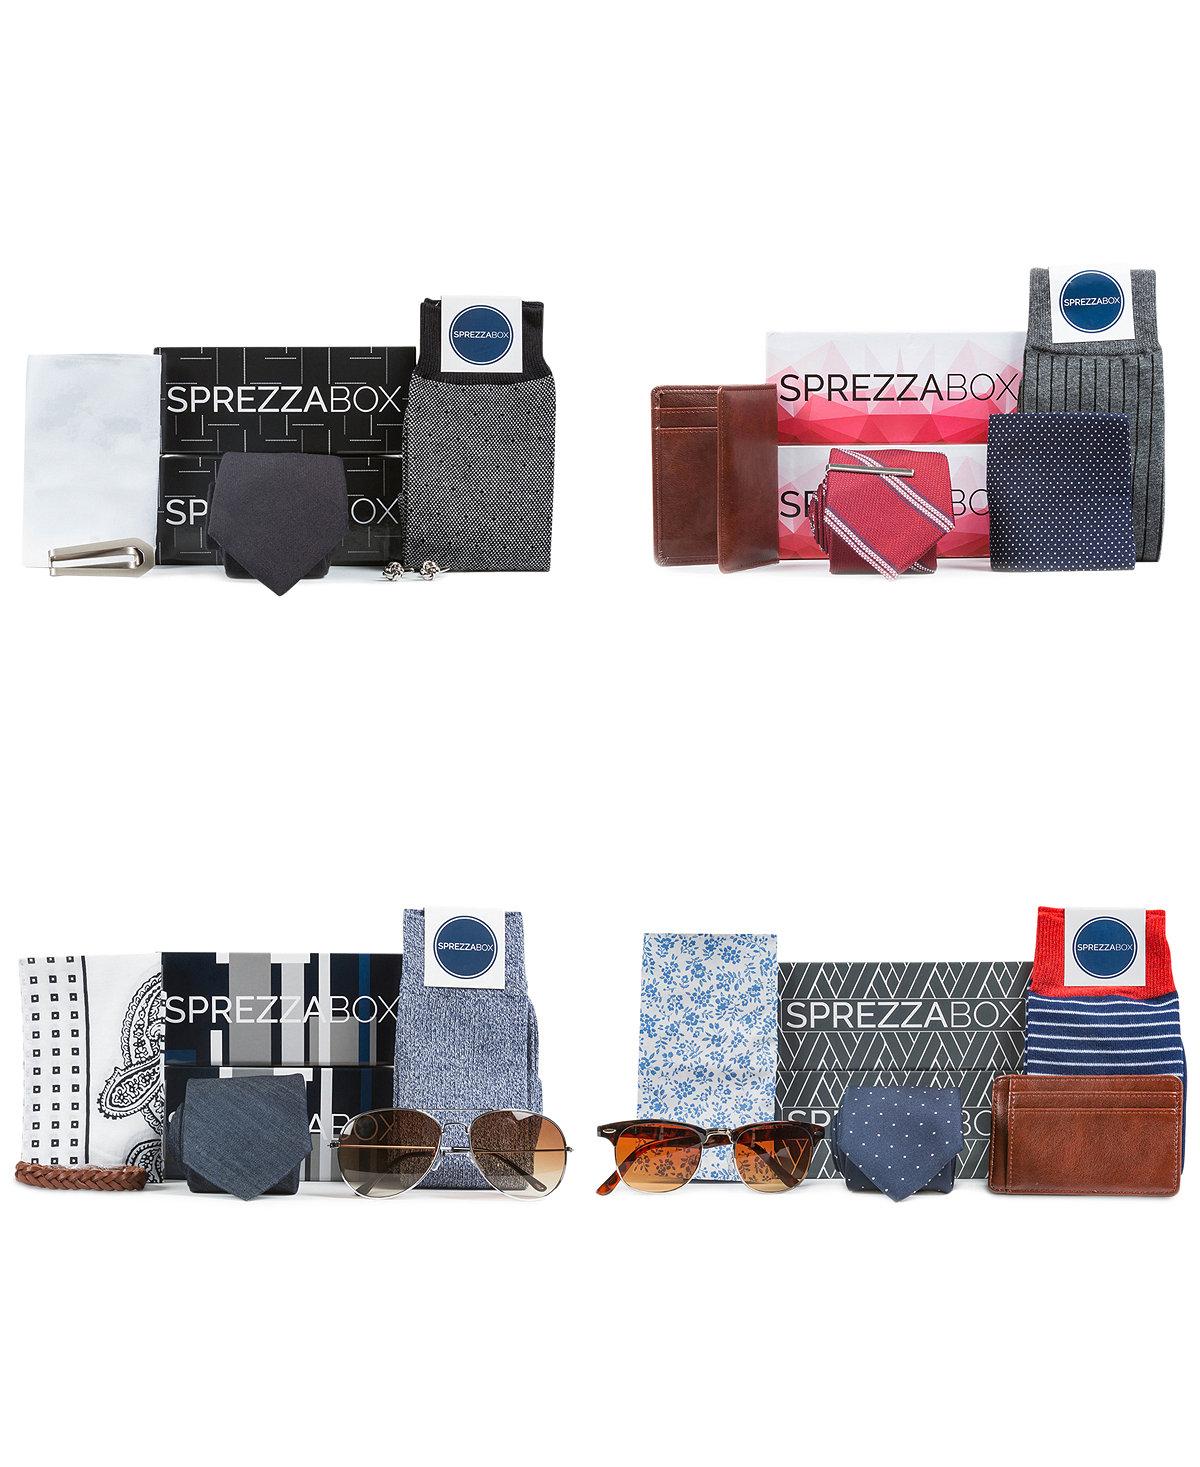 SprezzaBox Men's Sprezza Collection, Created for Macy's $20.99